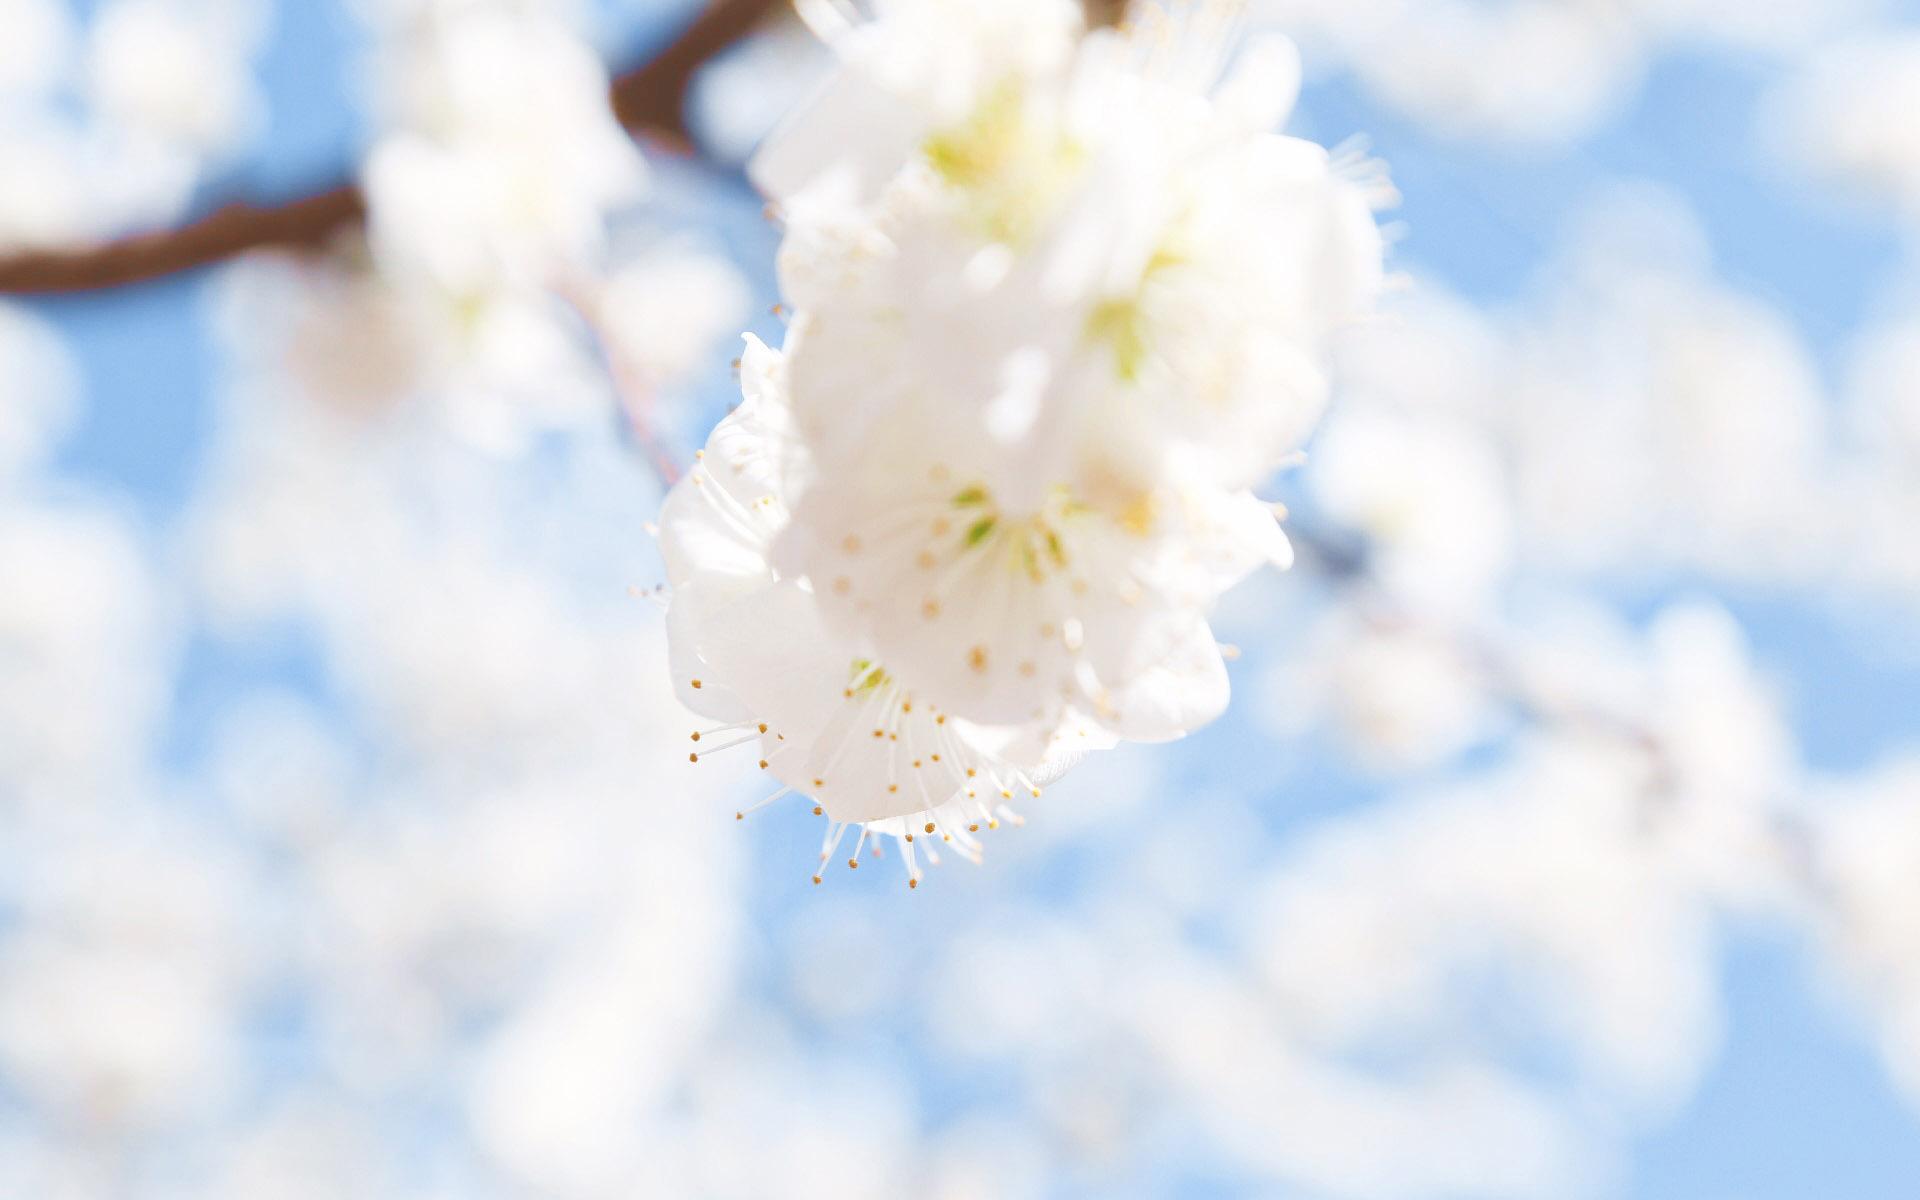 收好这份攻略!青岛发布桃花花期预报和观赏指南